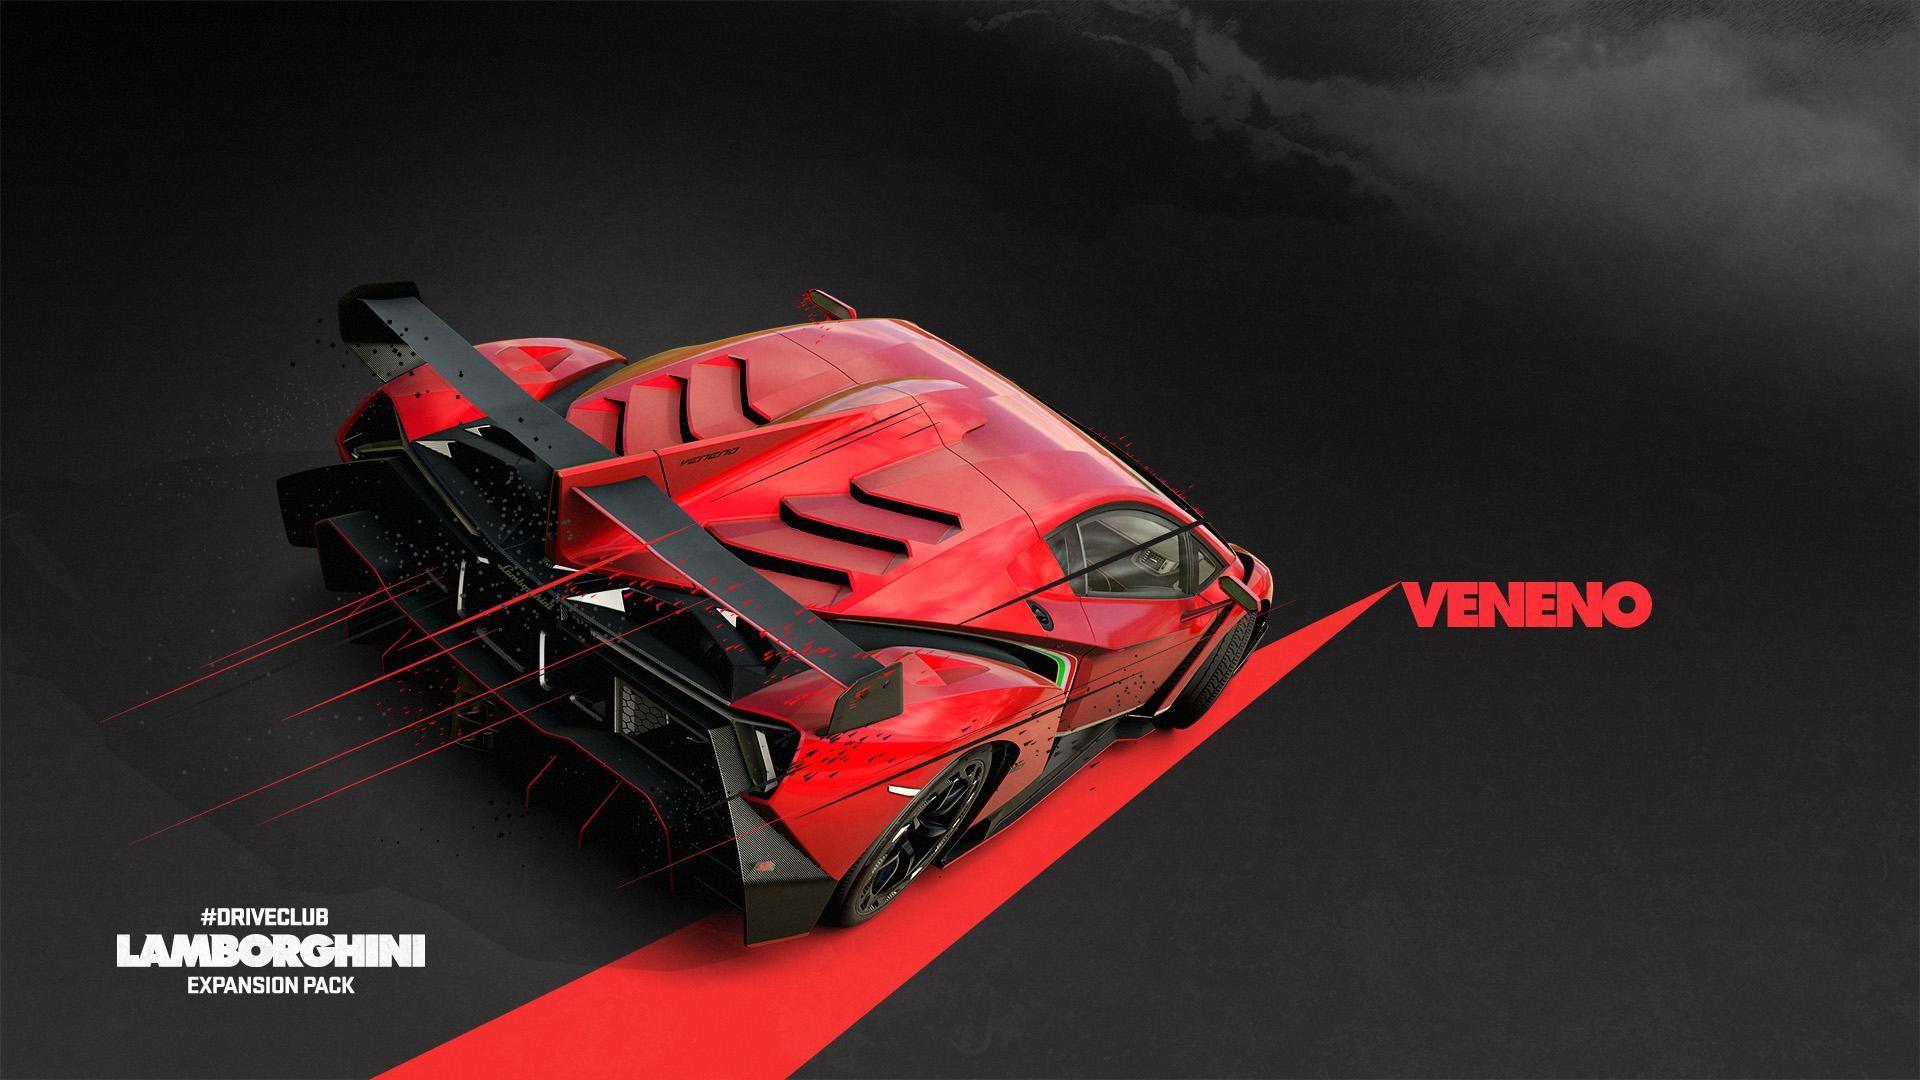 1920x1080 Px Driveclub Lamborghini Veneno